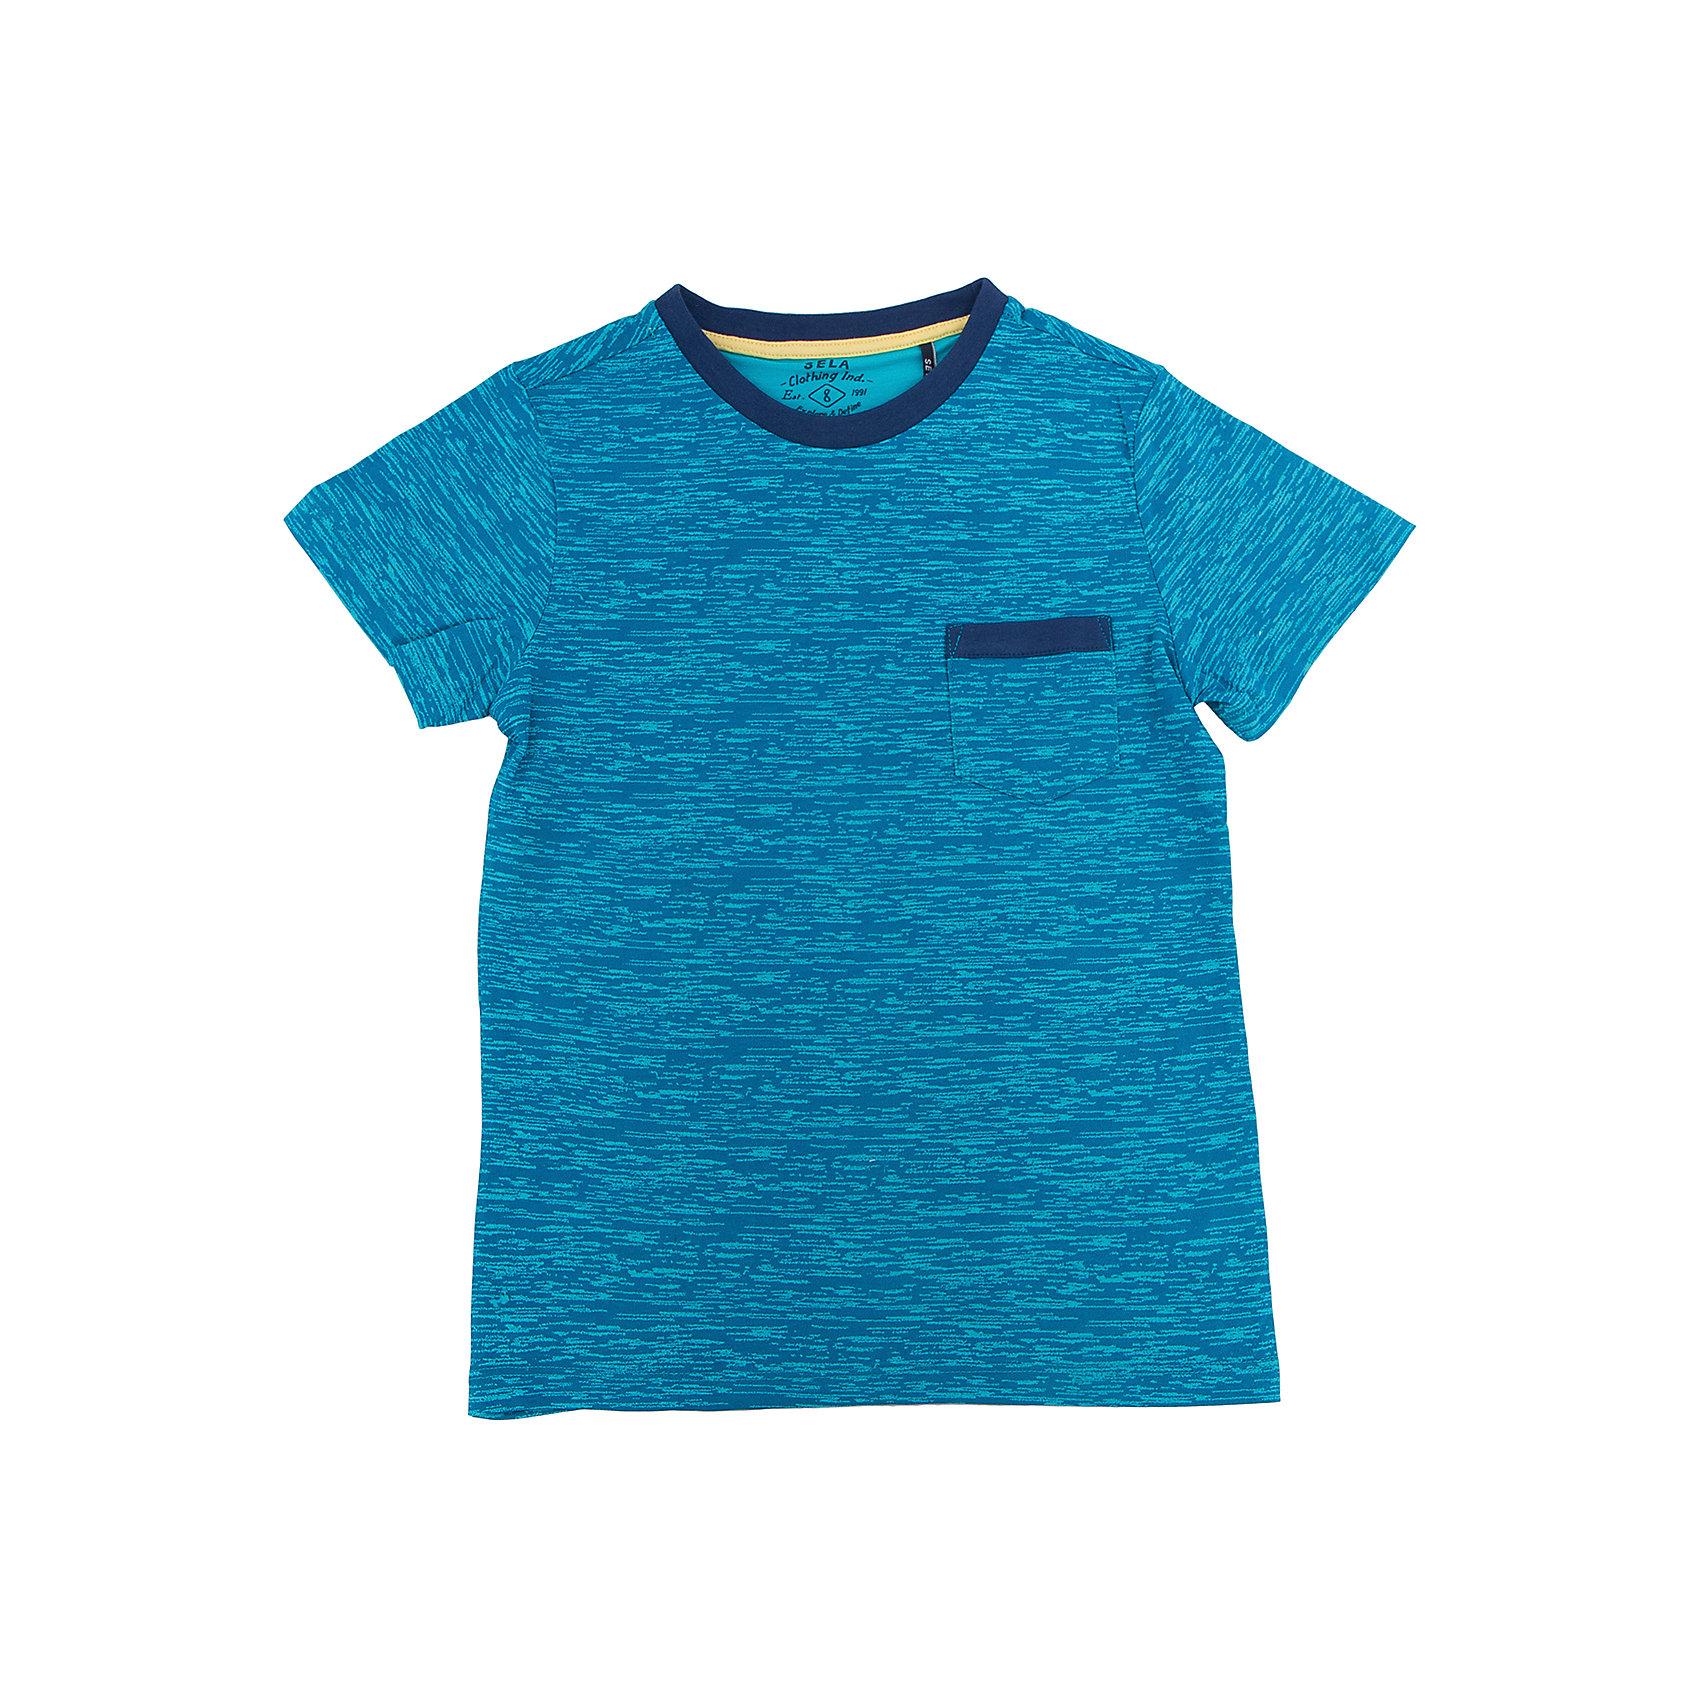 Футболка для мальчика SELAФутболки, поло и топы<br>Характеристики товара:<br><br>• цвет: синий<br>• состав: 60% хлопок, 40% ПЭ<br>• принт<br>• короткие рукава<br>• округлый горловой вырез<br>• страна бренда: Российская Федерация<br><br>В новой коллекции SELA отличные модели одежды! Эта футболка для мальчика поможет разнообразить гардероб ребенка и обеспечить комфорт. Она отлично сочетается с джинсами и брюками. Удобная базовая вещь!<br><br>Футболку для мальчика от популярного бренда SELA (СЕЛА) можно купить в нашем интернет-магазине.<br><br>Ширина мм: 230<br>Глубина мм: 40<br>Высота мм: 220<br>Вес г: 250<br>Цвет: синий<br>Возраст от месяцев: 132<br>Возраст до месяцев: 144<br>Пол: Мужской<br>Возраст: Детский<br>Размер: 152,134,140,146,116,122,128<br>SKU: 5303985